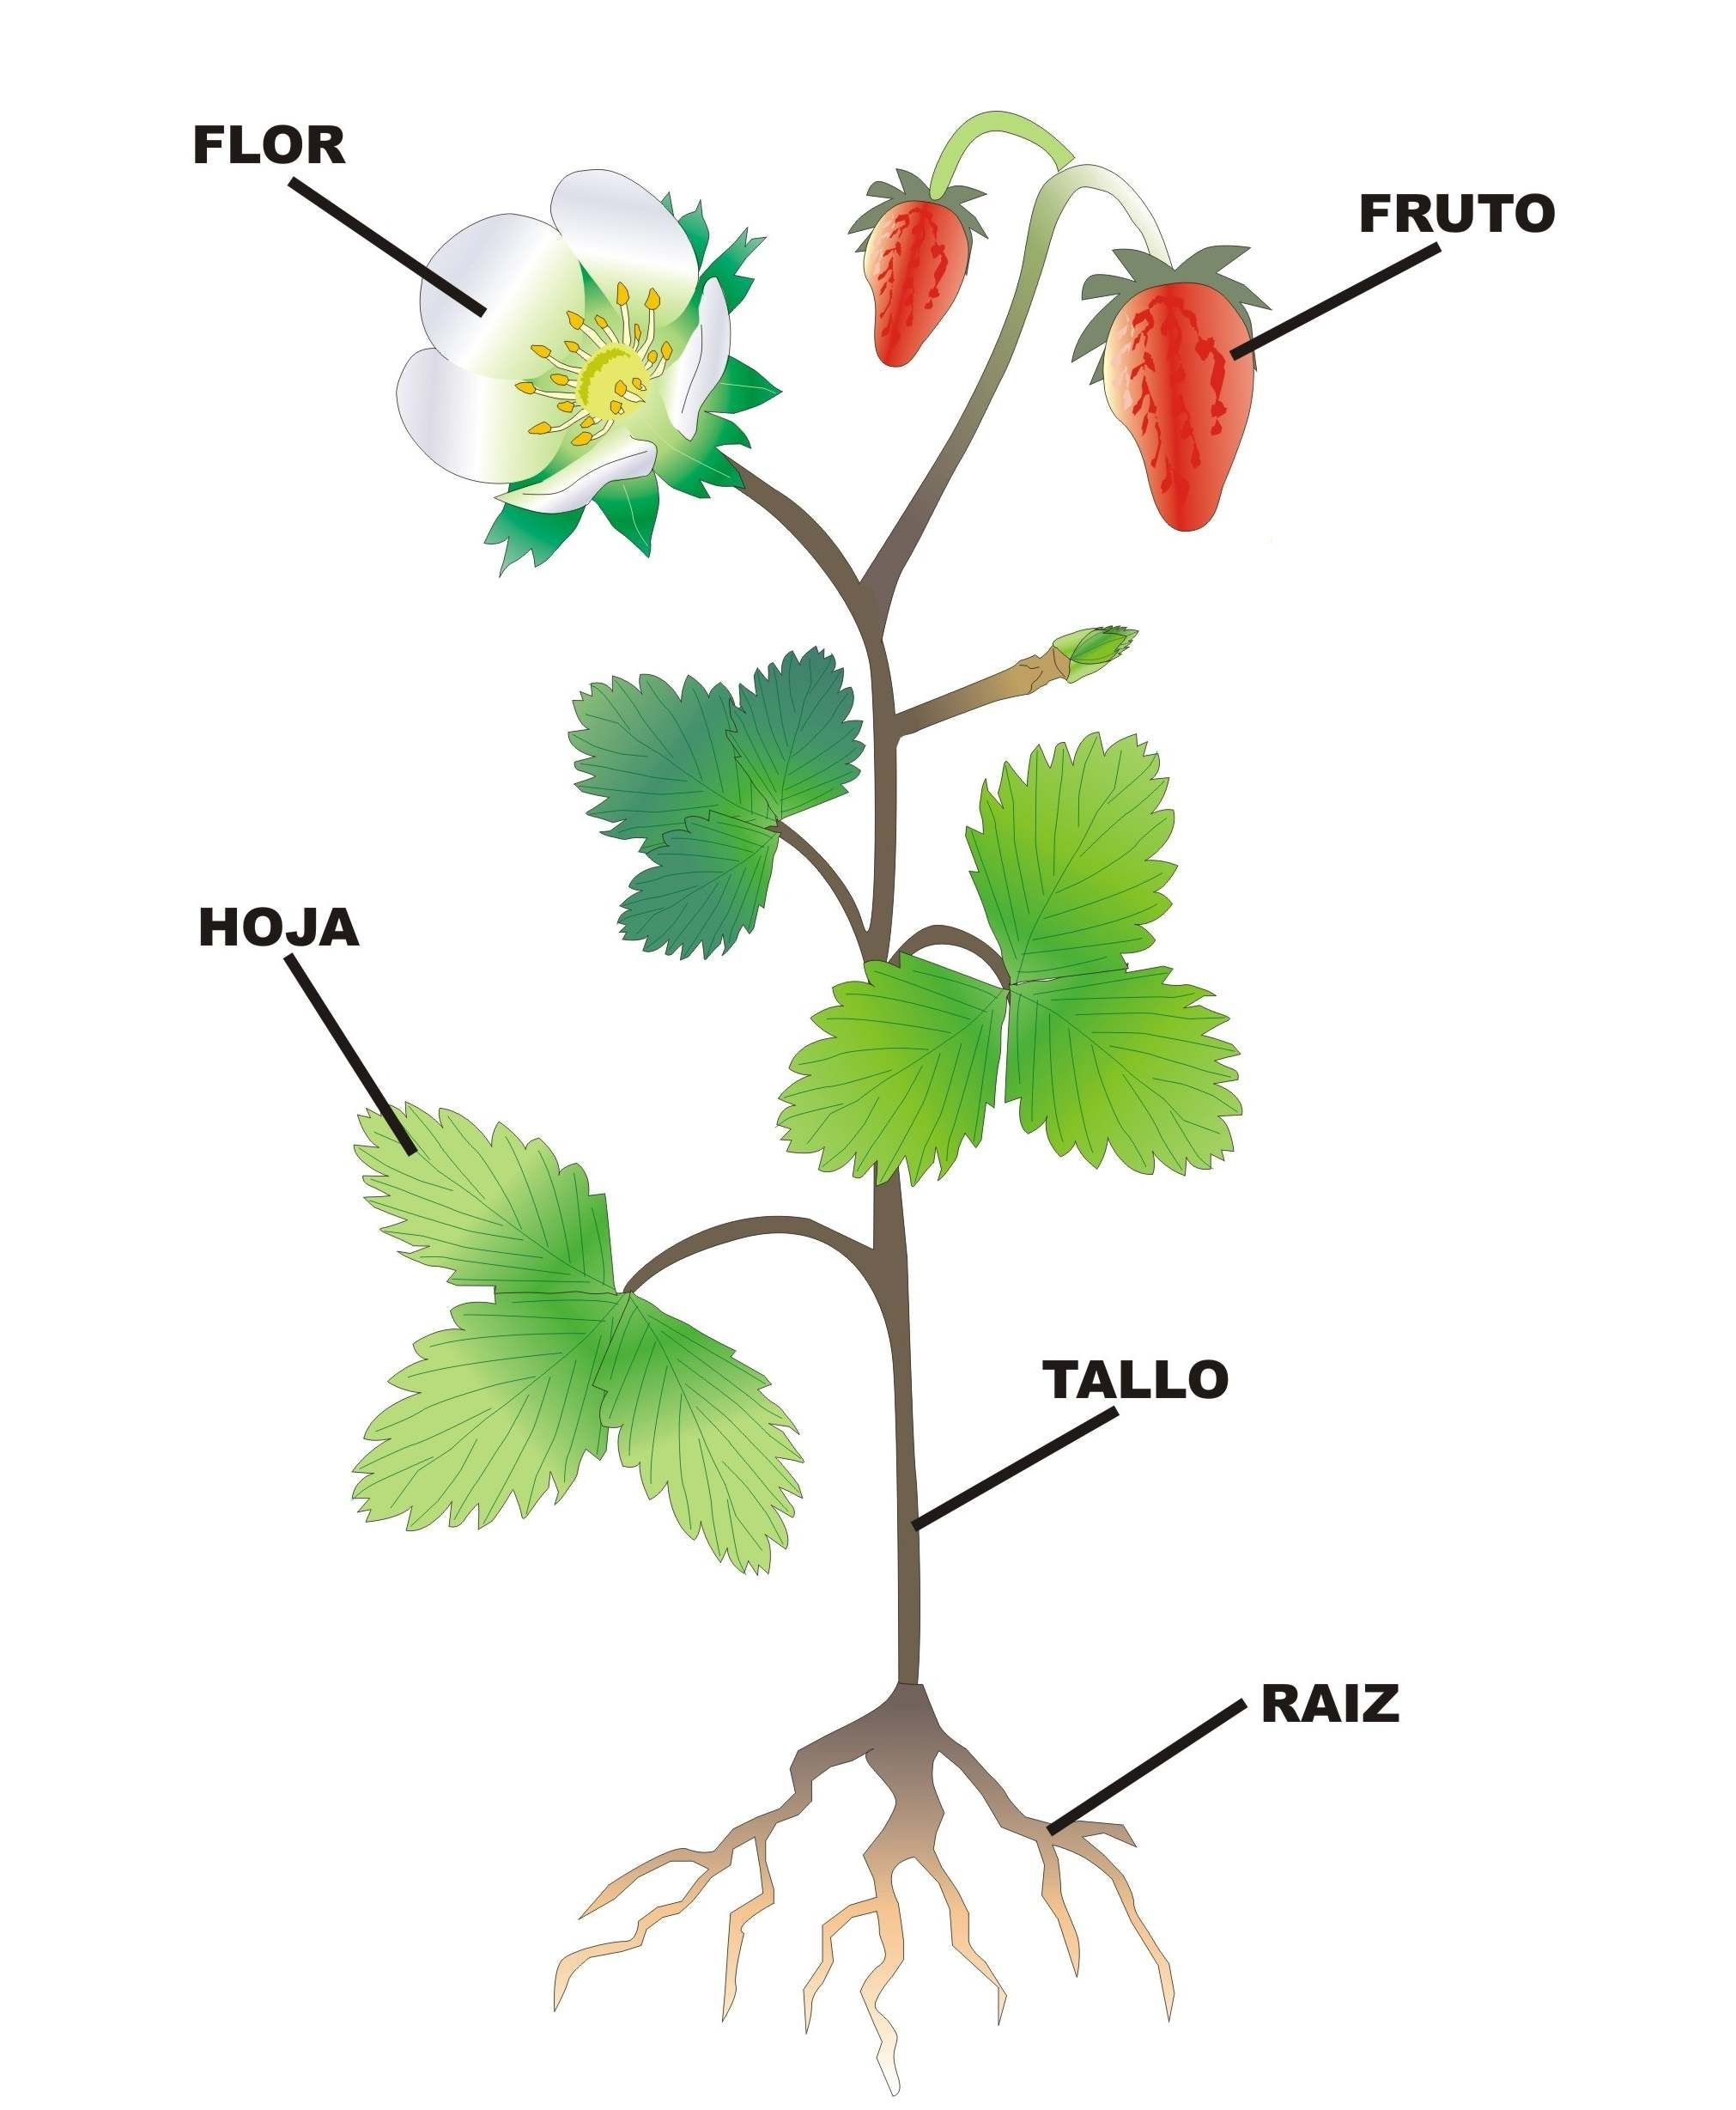 La Planta Y Sus Partes Partes De La Planta Partes De La Misa Dibujos De Plantas Medicinales